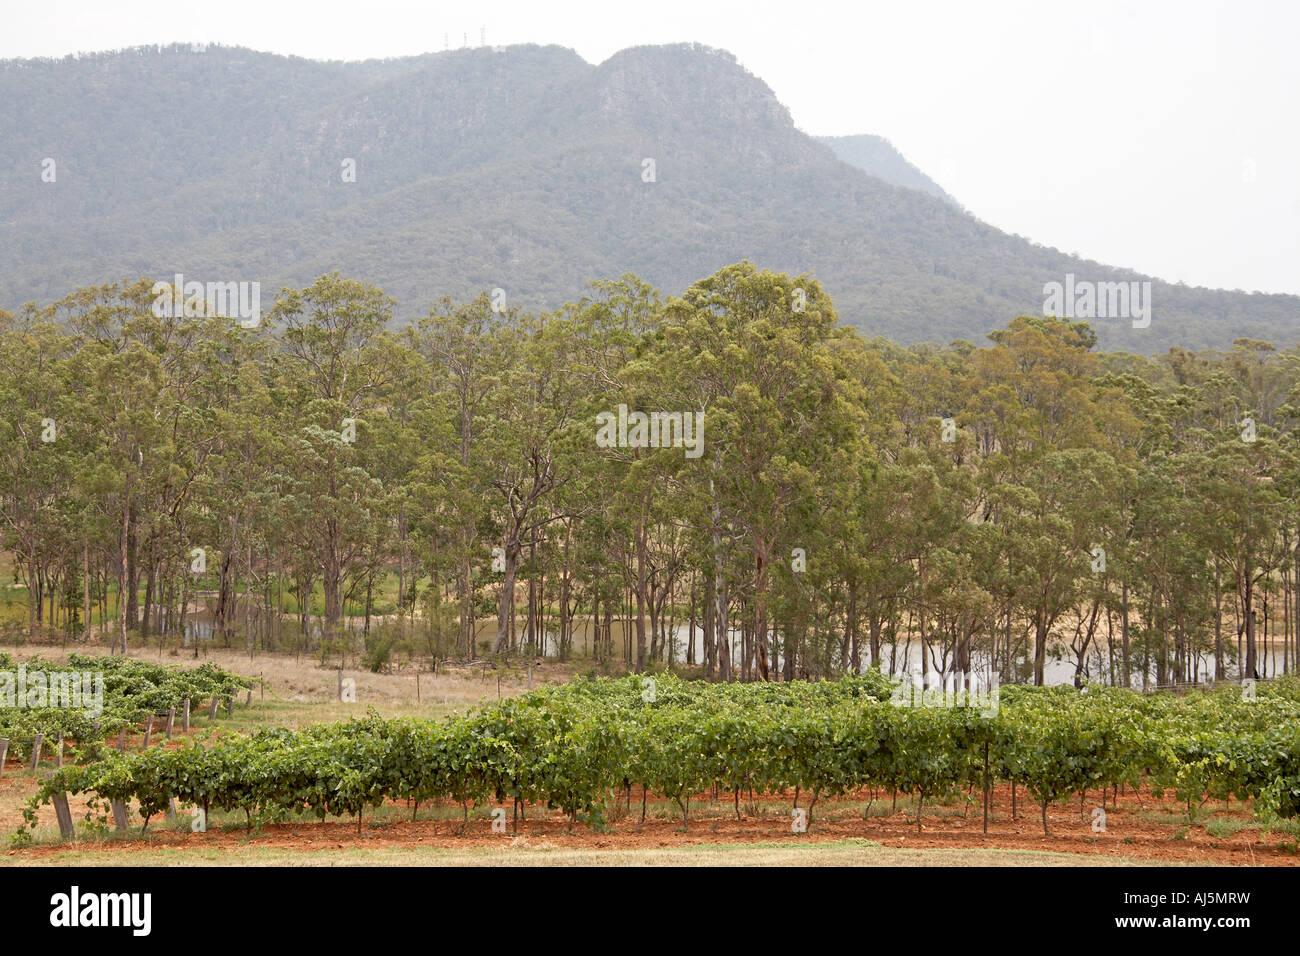 Les montagnes et les arbres à proximité de la gencive est cassé en Hunter Valley zone viticole de la Nouvelle Galles du sud , Australie Banque D'Images